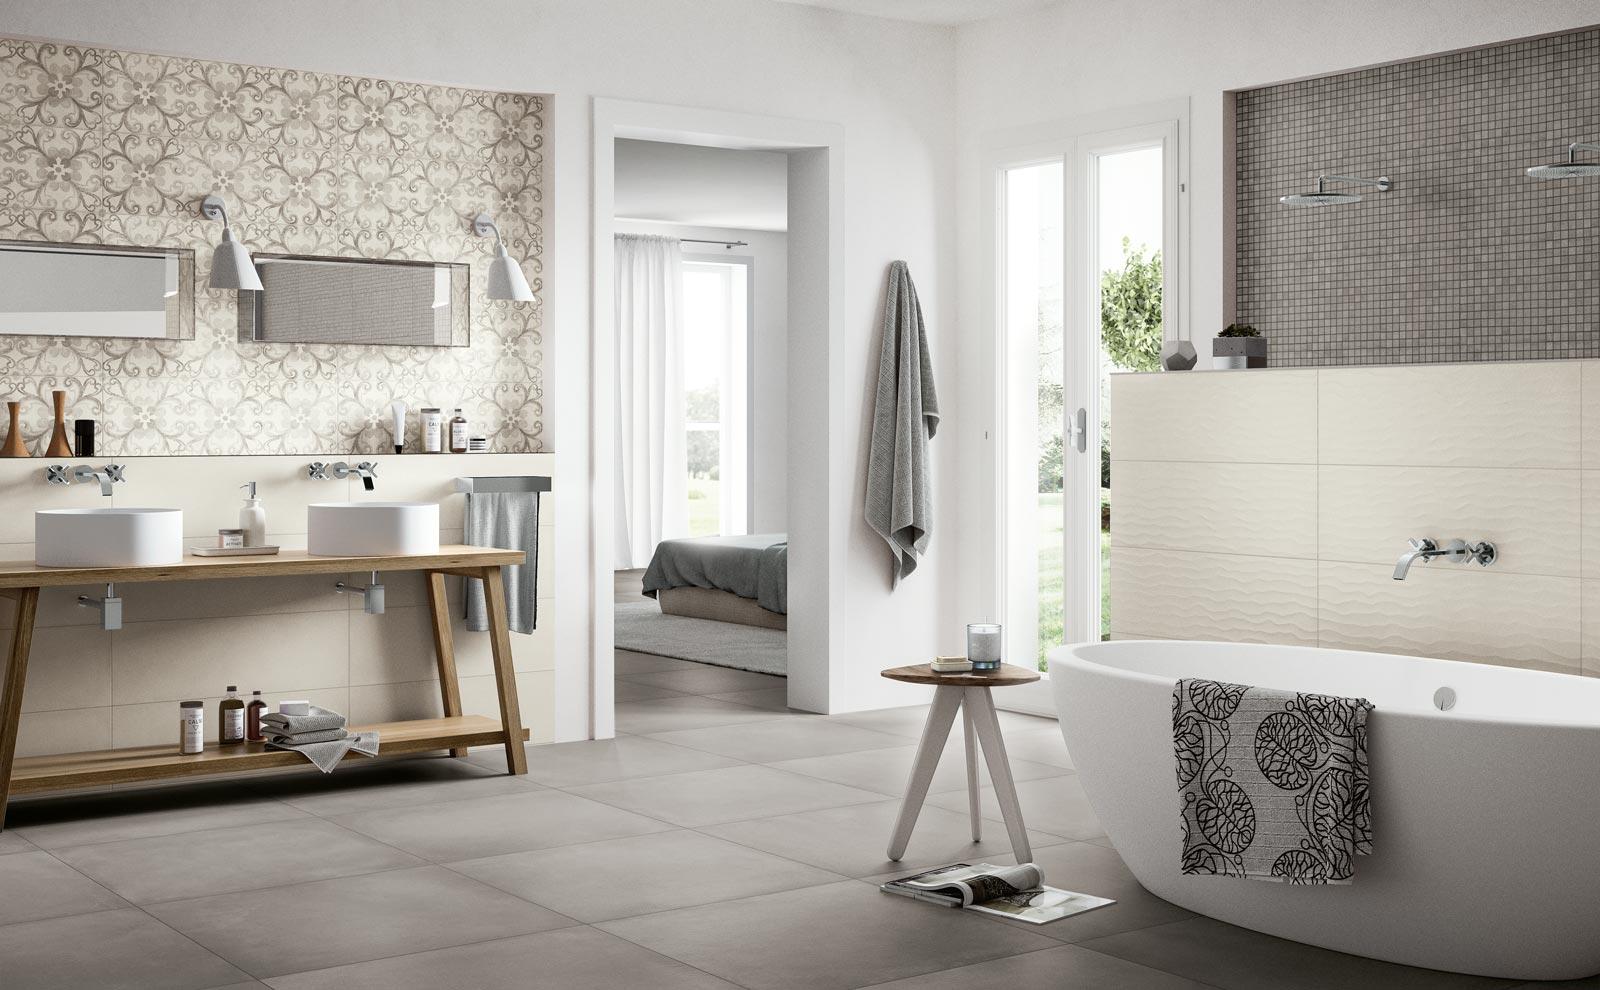 Collezione rewind wall piastrelle di ceramica effetto cotto e cemento ragno - Ragno rivestimenti bagno ...